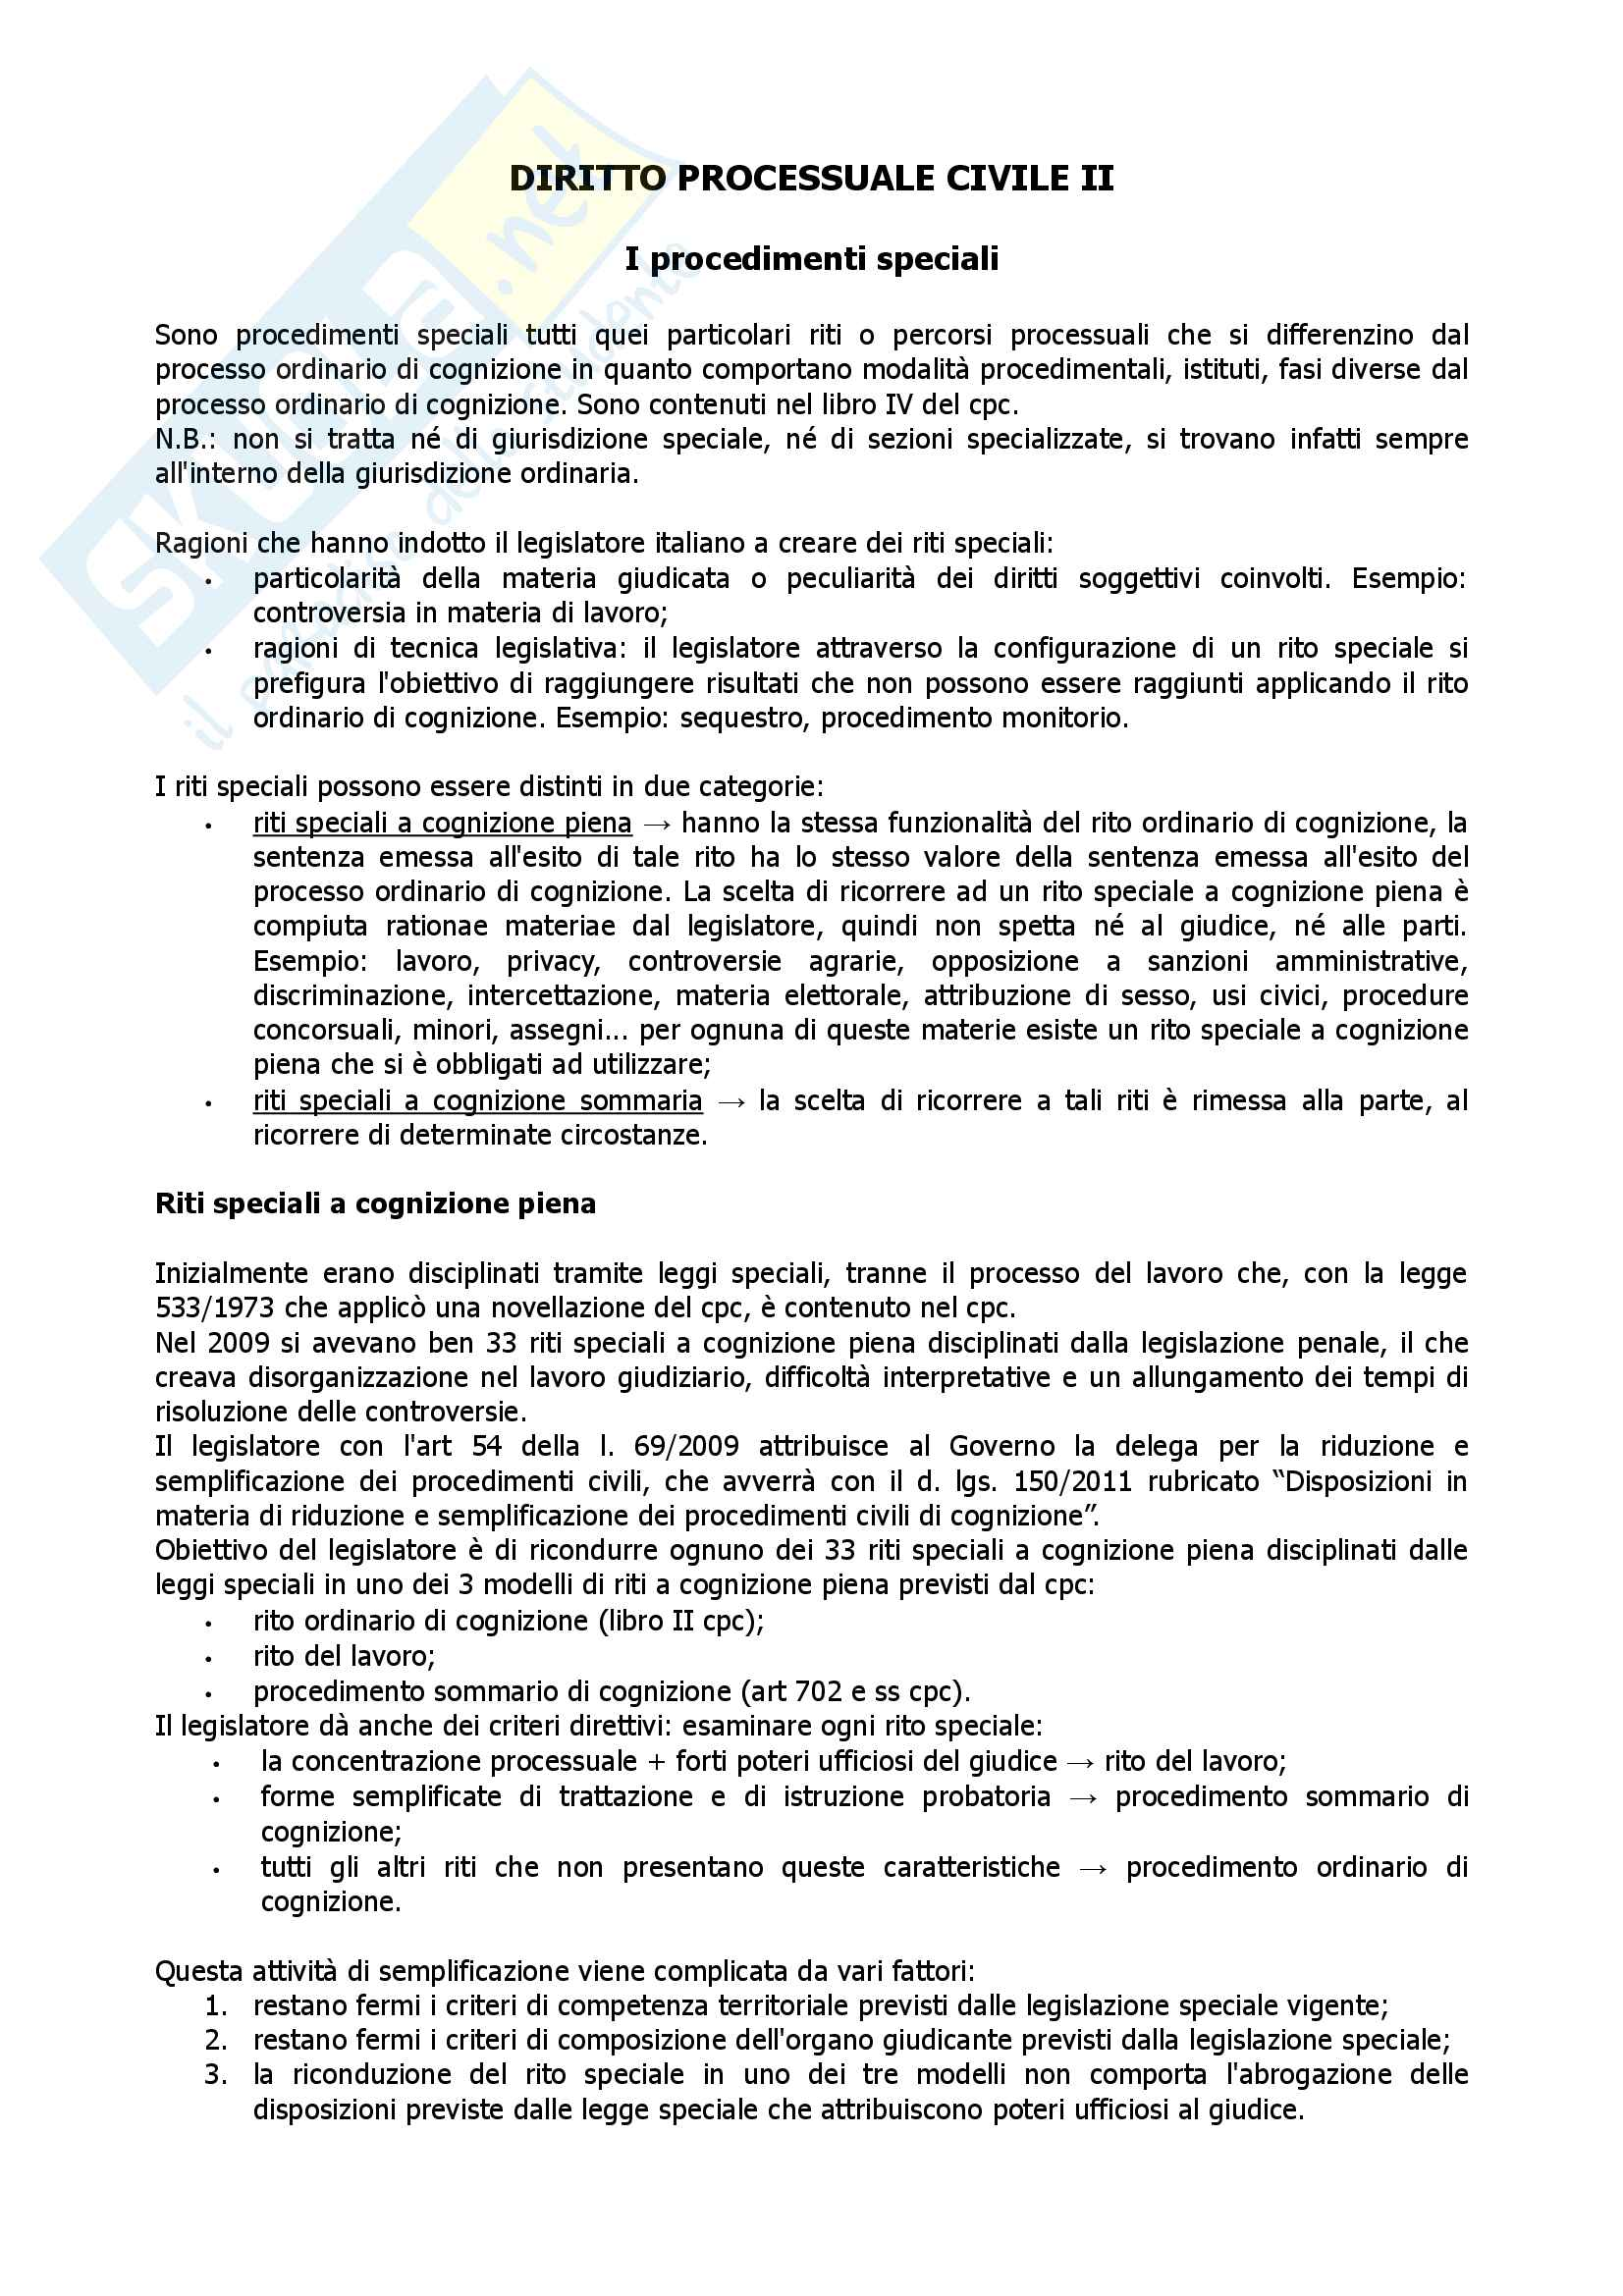 Diritto processuale civile II - procedimenti speciali